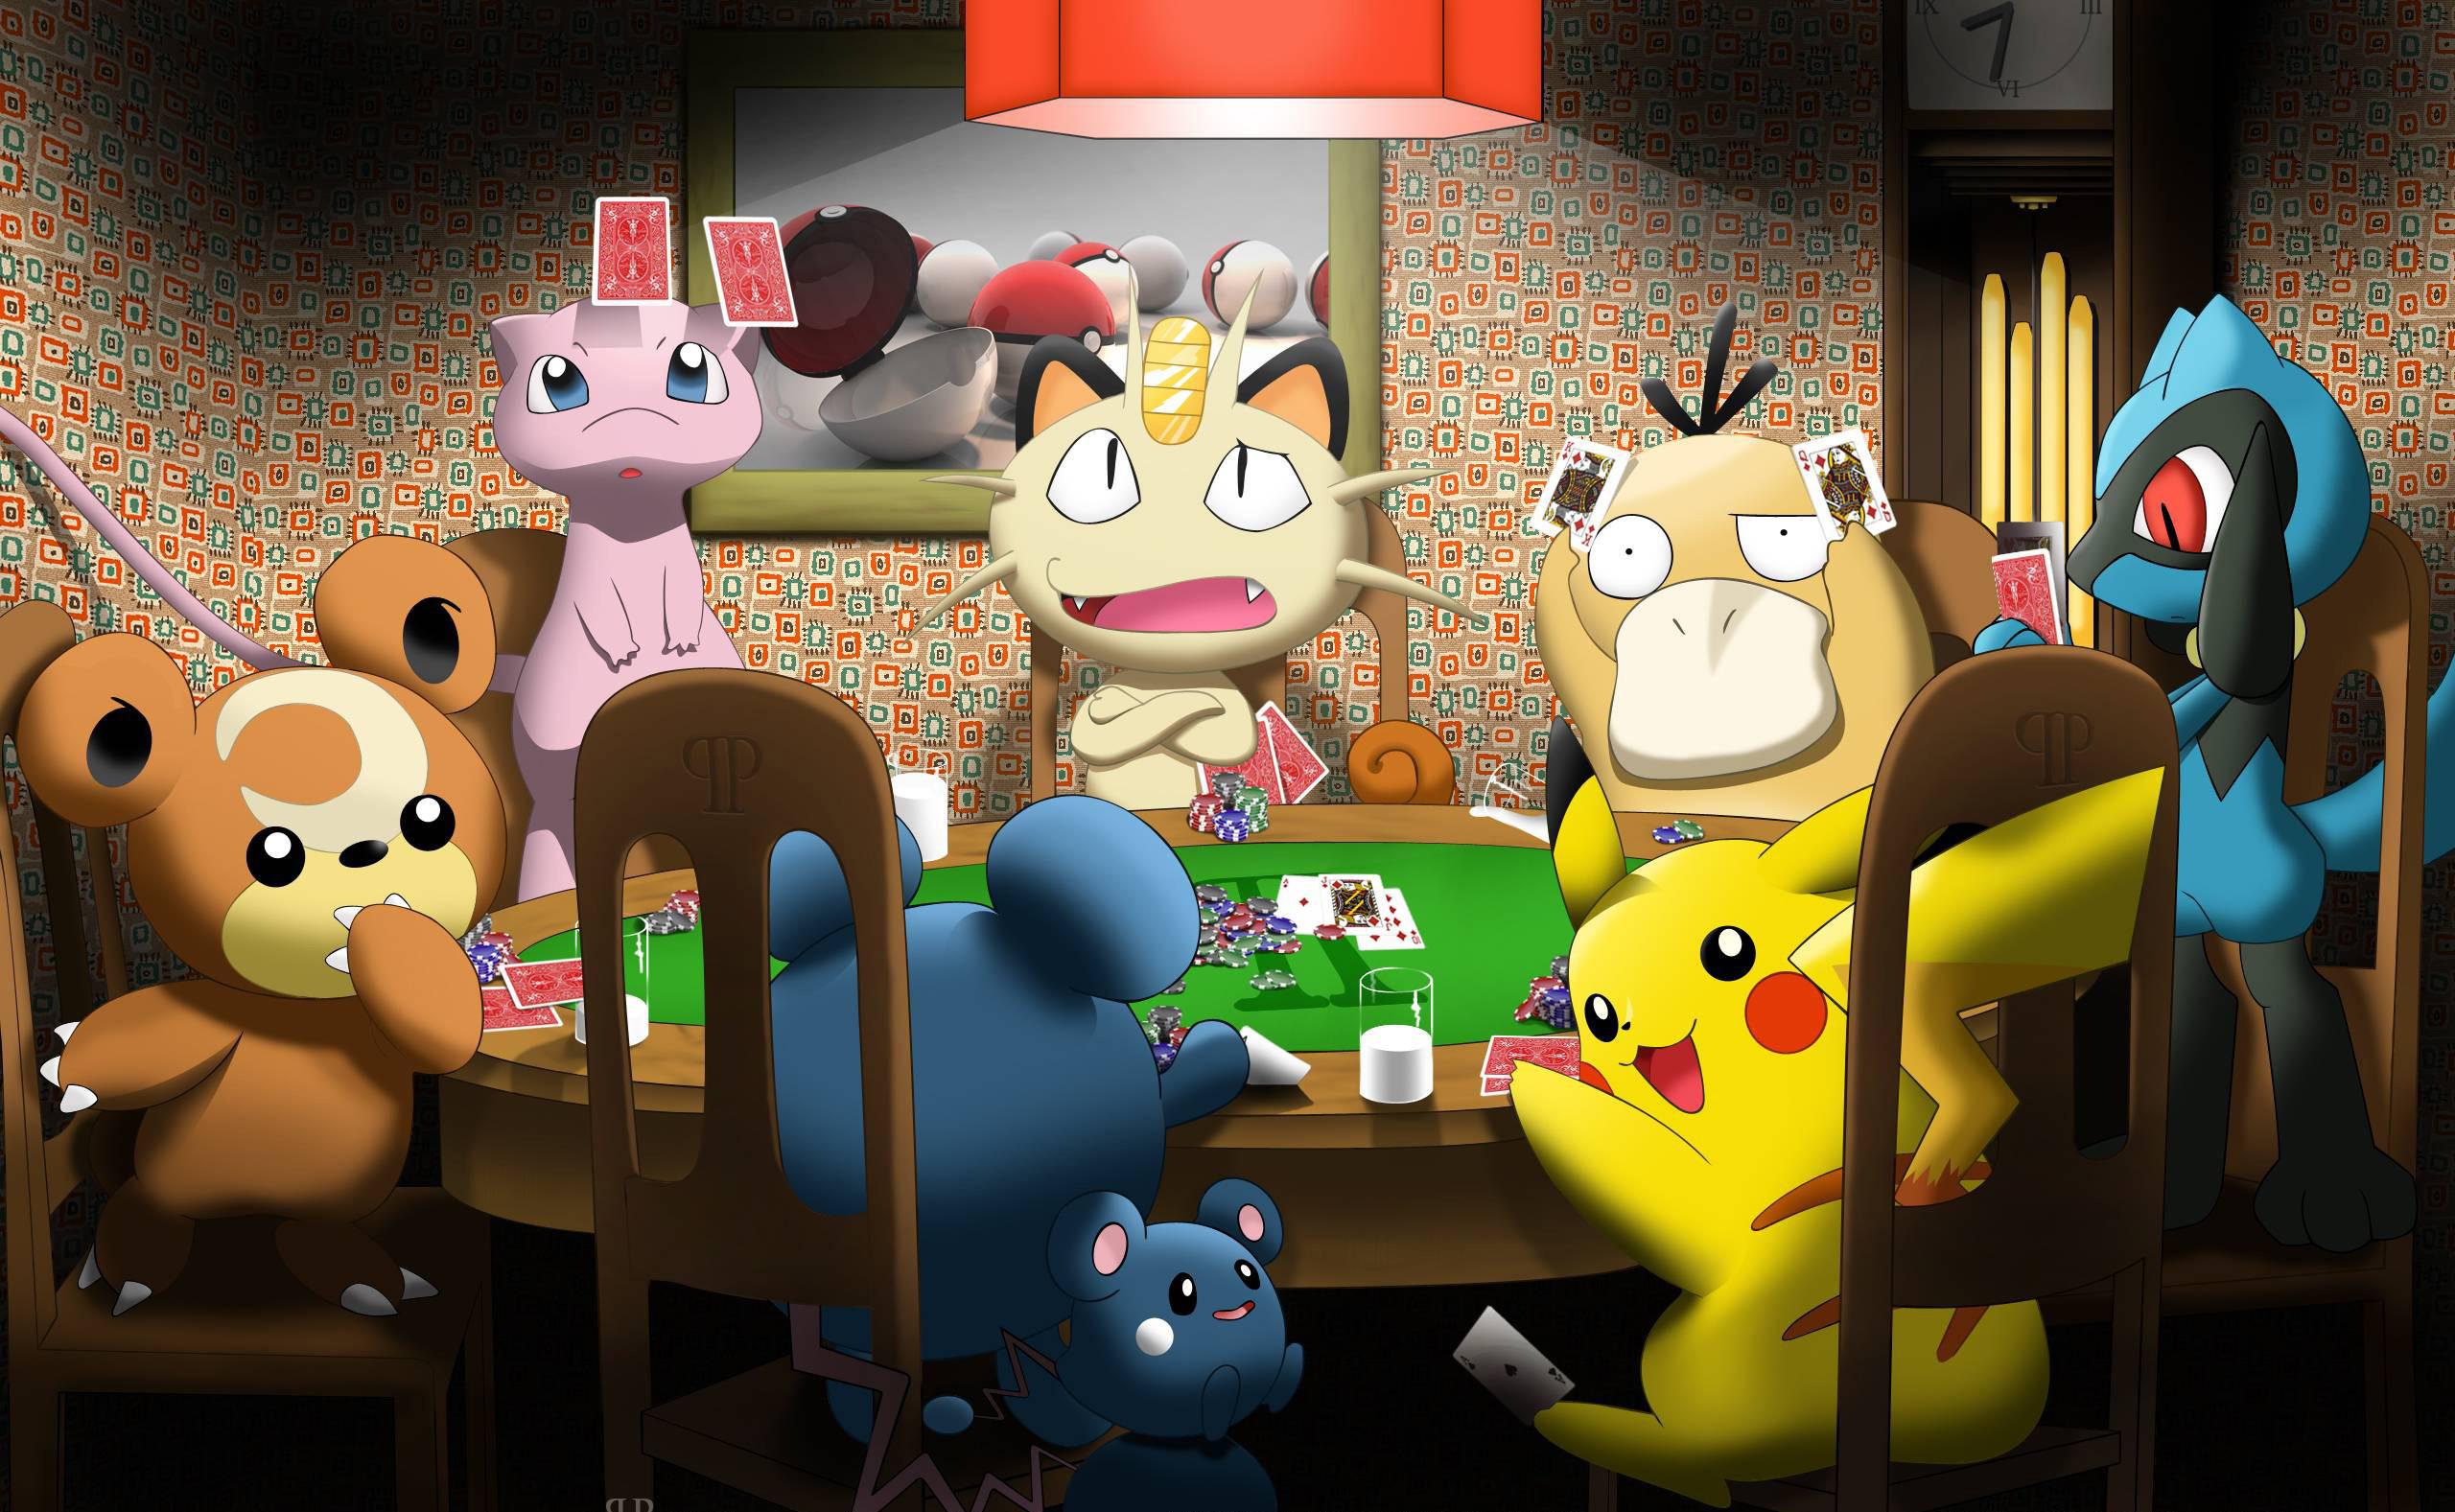 wallpaper.wiki-Free-HD-Epic-Pokemon-Images-PIC-